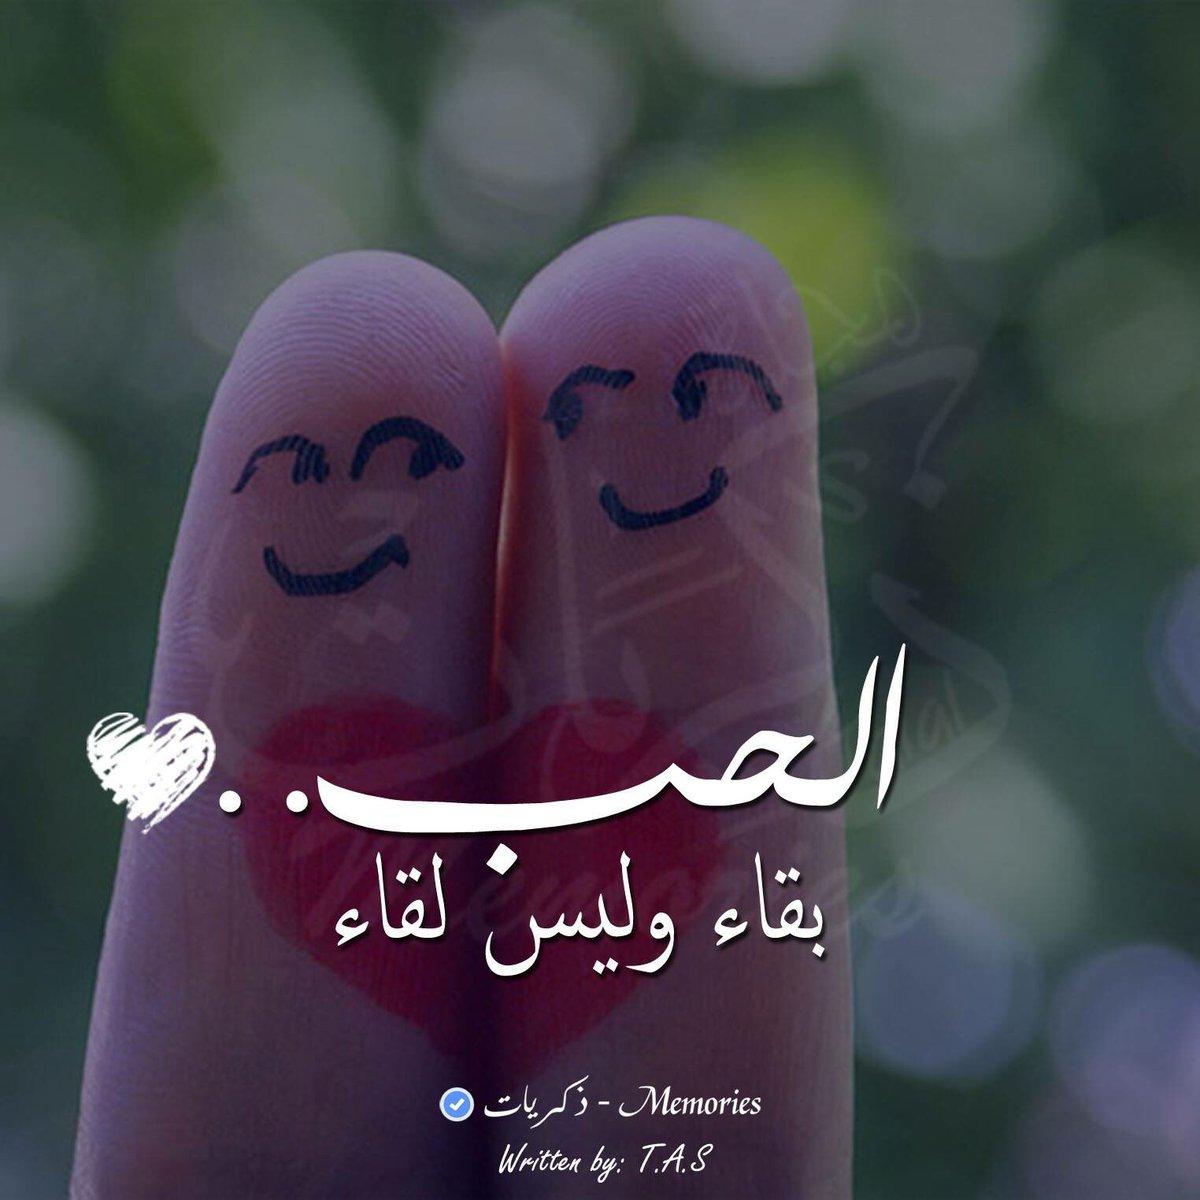 Motasem Frehat On Twitter حبيبتي انتي اجمل من تكوني حقيقه بل انت